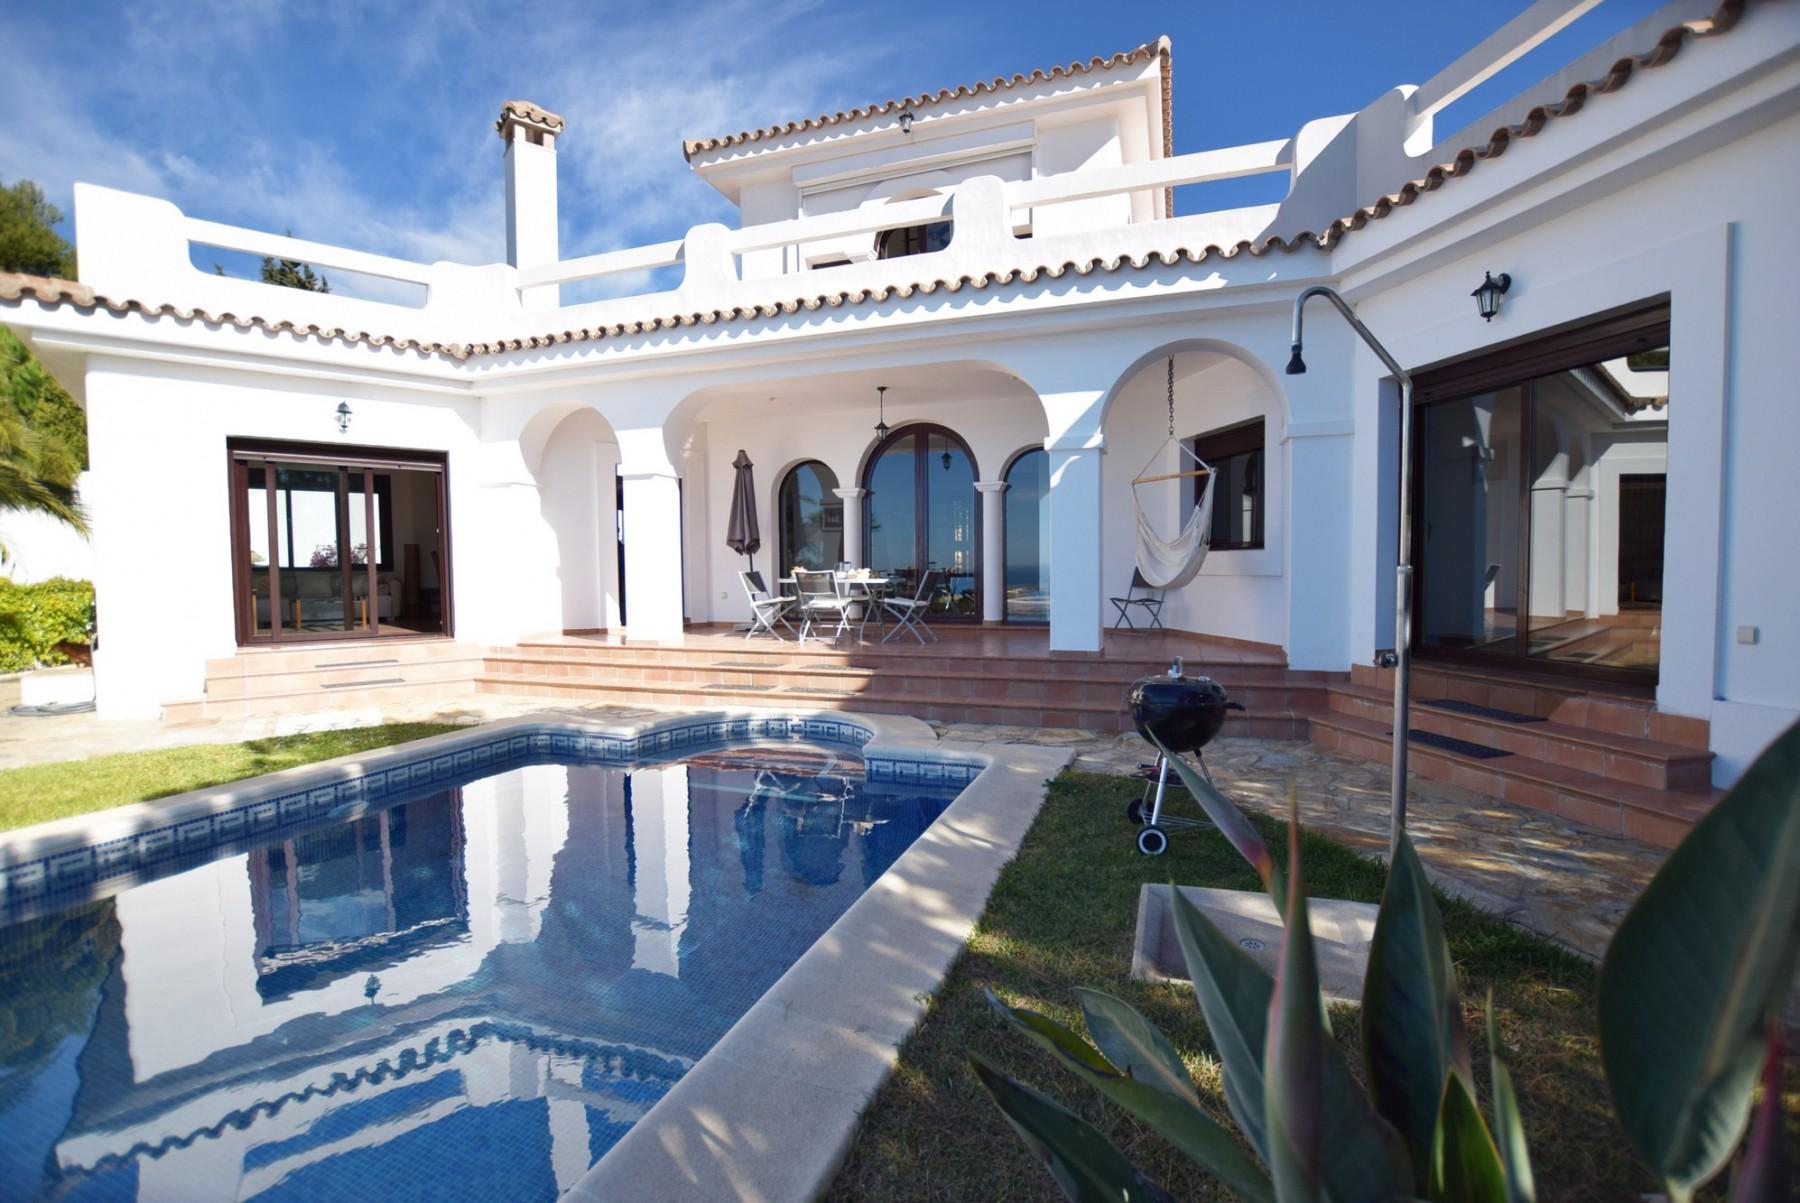 Casa Blanca - Piscina con ducha exterior